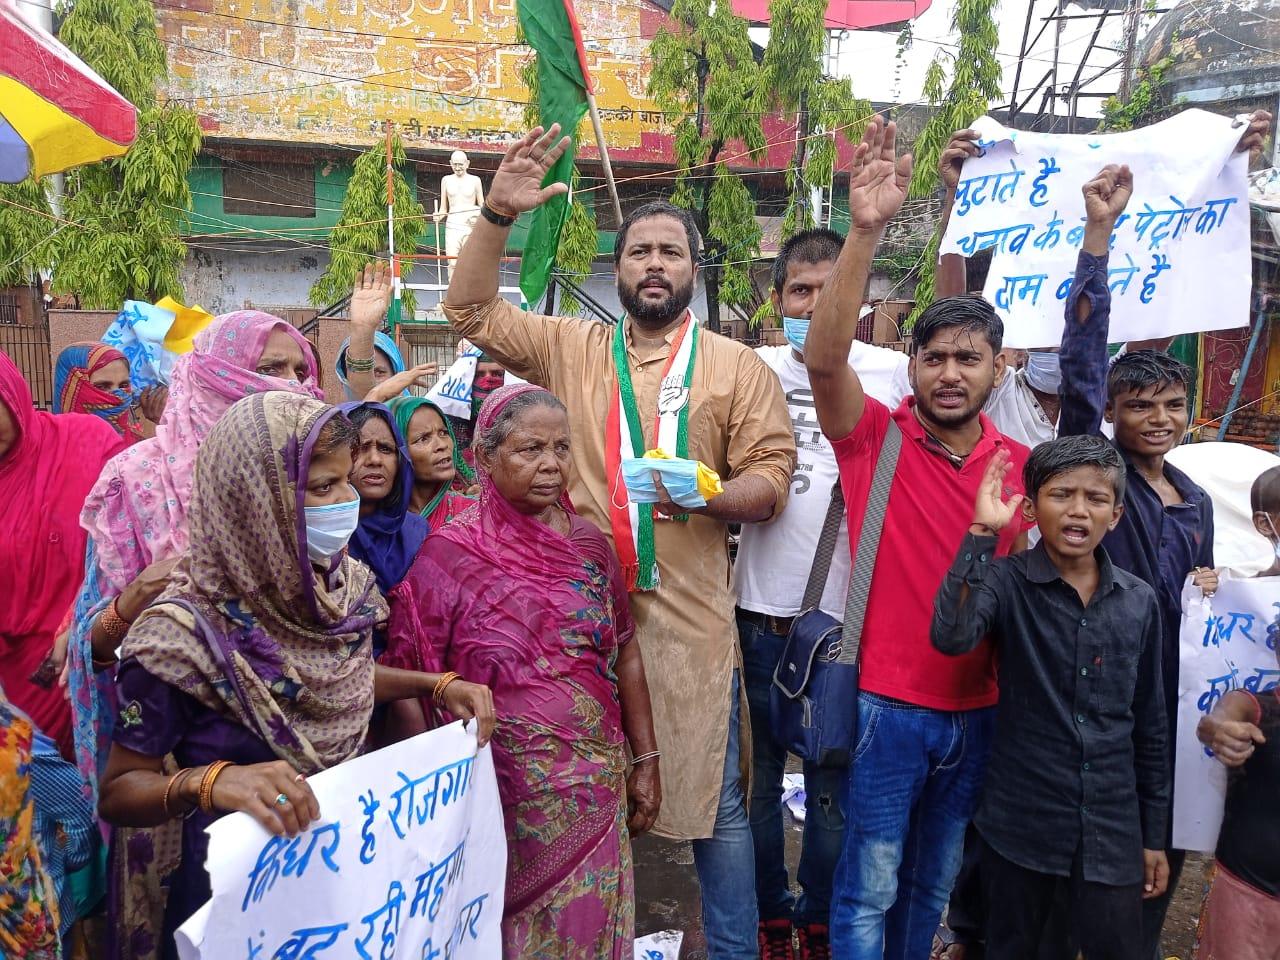 डॉ जमाल हसन के नेतृत्व में सुल्ली डील्स, लिब्रल डॉग, महंगाई और बेरोजगारी के खिलाफ में महिलाओं का आक्रोषपूर्ण जुलूस निकाला।